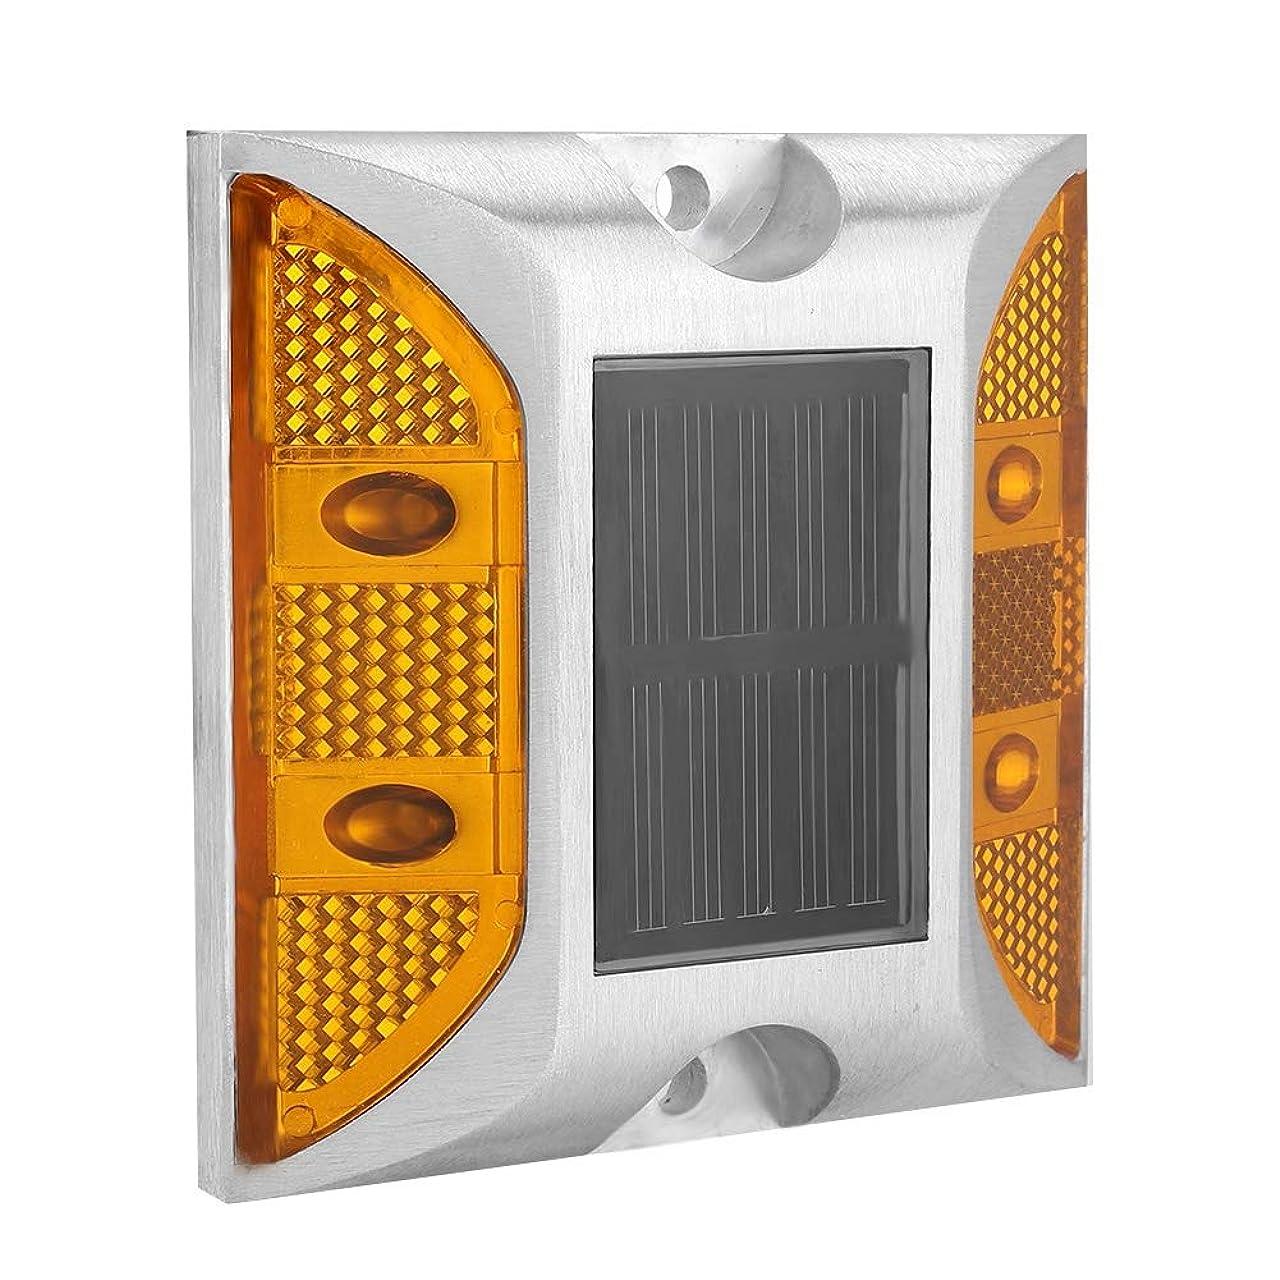 ベンチャー裁判所ホスト道路リフレクター 両面道路舗装マーカー LED付き 道路 誘導 長方形リフレクター 道のスタッドライト 屋外太陽動力リフレクター